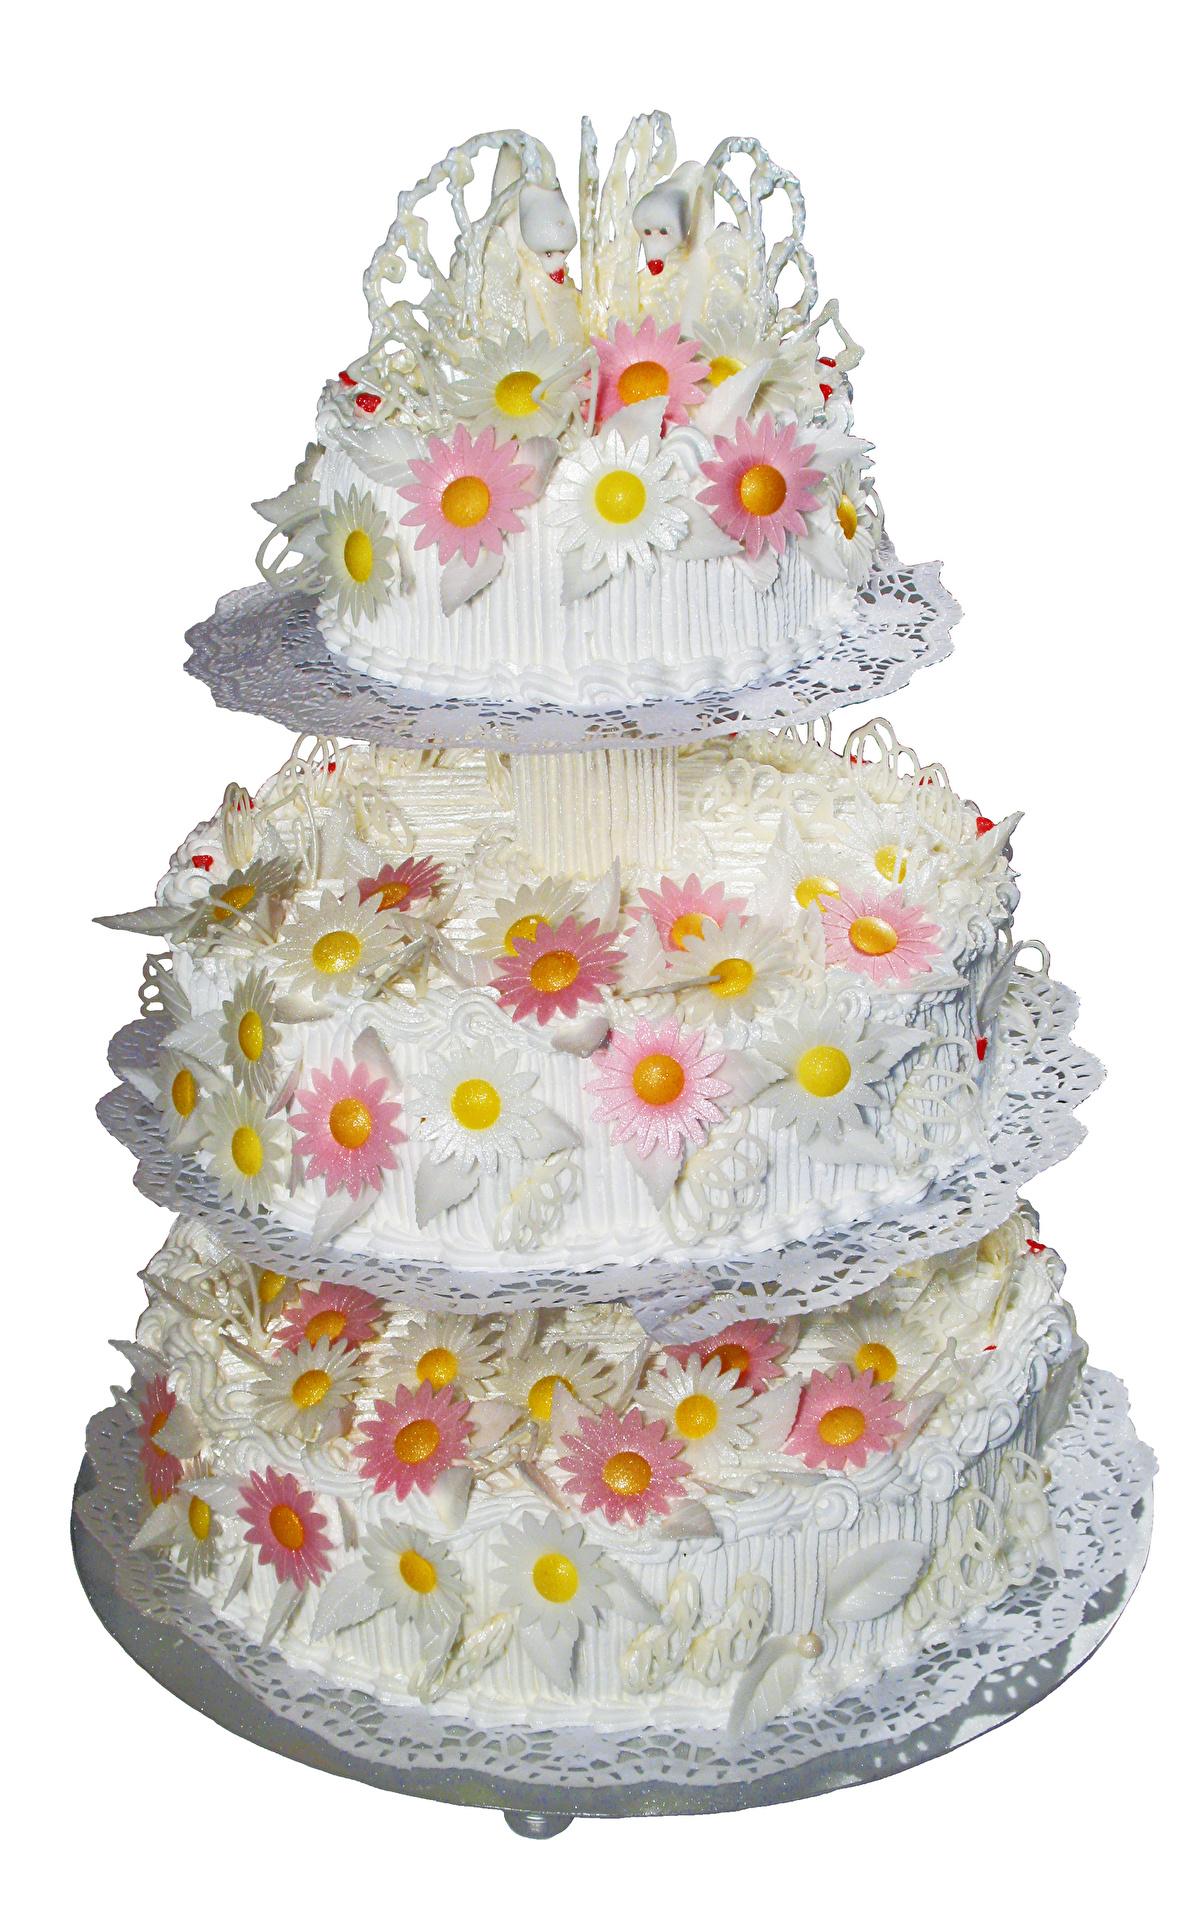 Фото Свадьба Wedding Cake Торты Пища Сладости Белый фон Дизайн 1200x1920 Еда Продукты питания дизайна